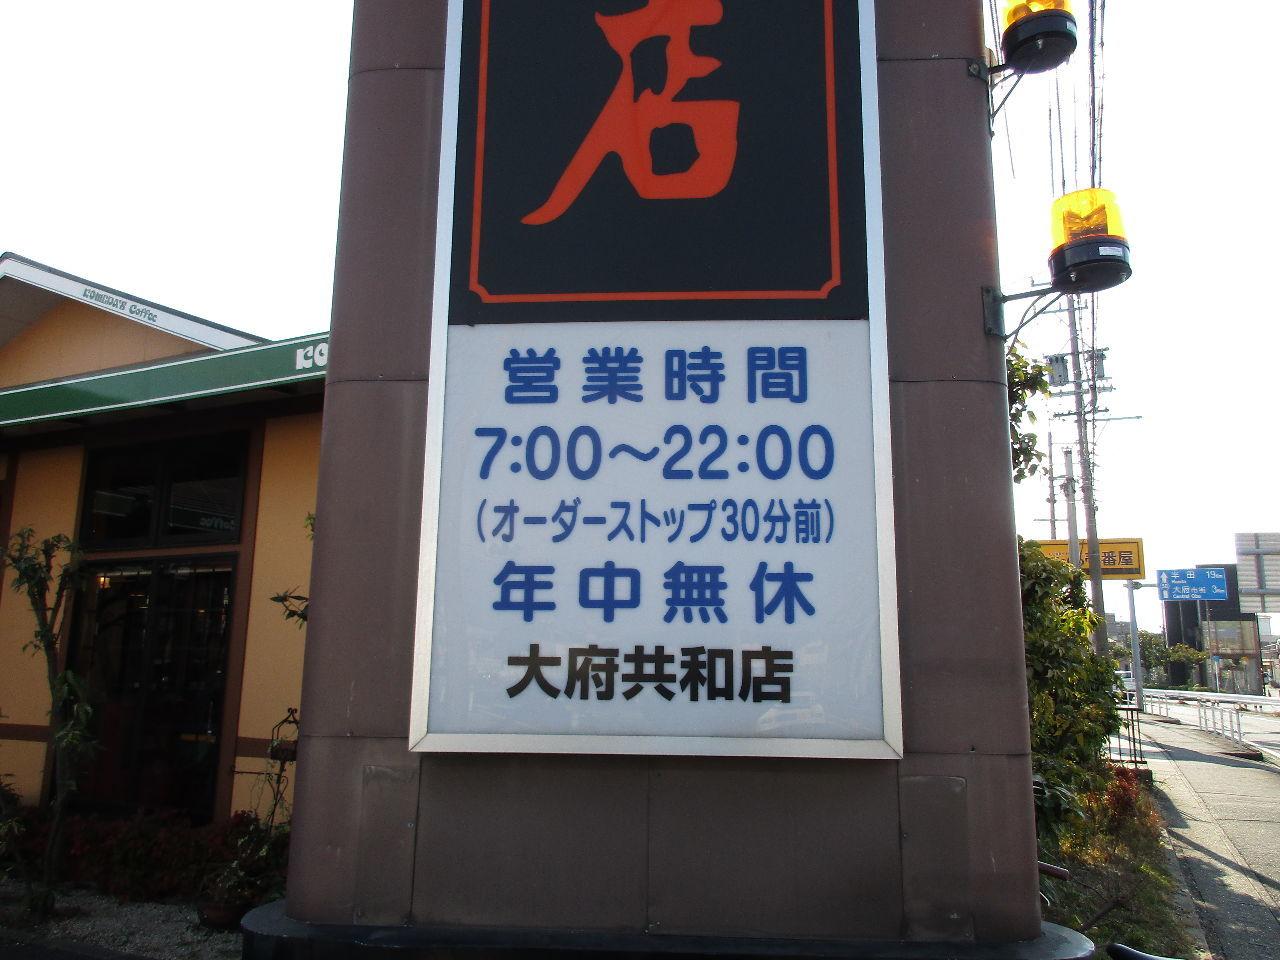 7283 - 愛三工業(株) > > 小岩井は逮捕されて欲しい > > やって良い事と悪い事がある >